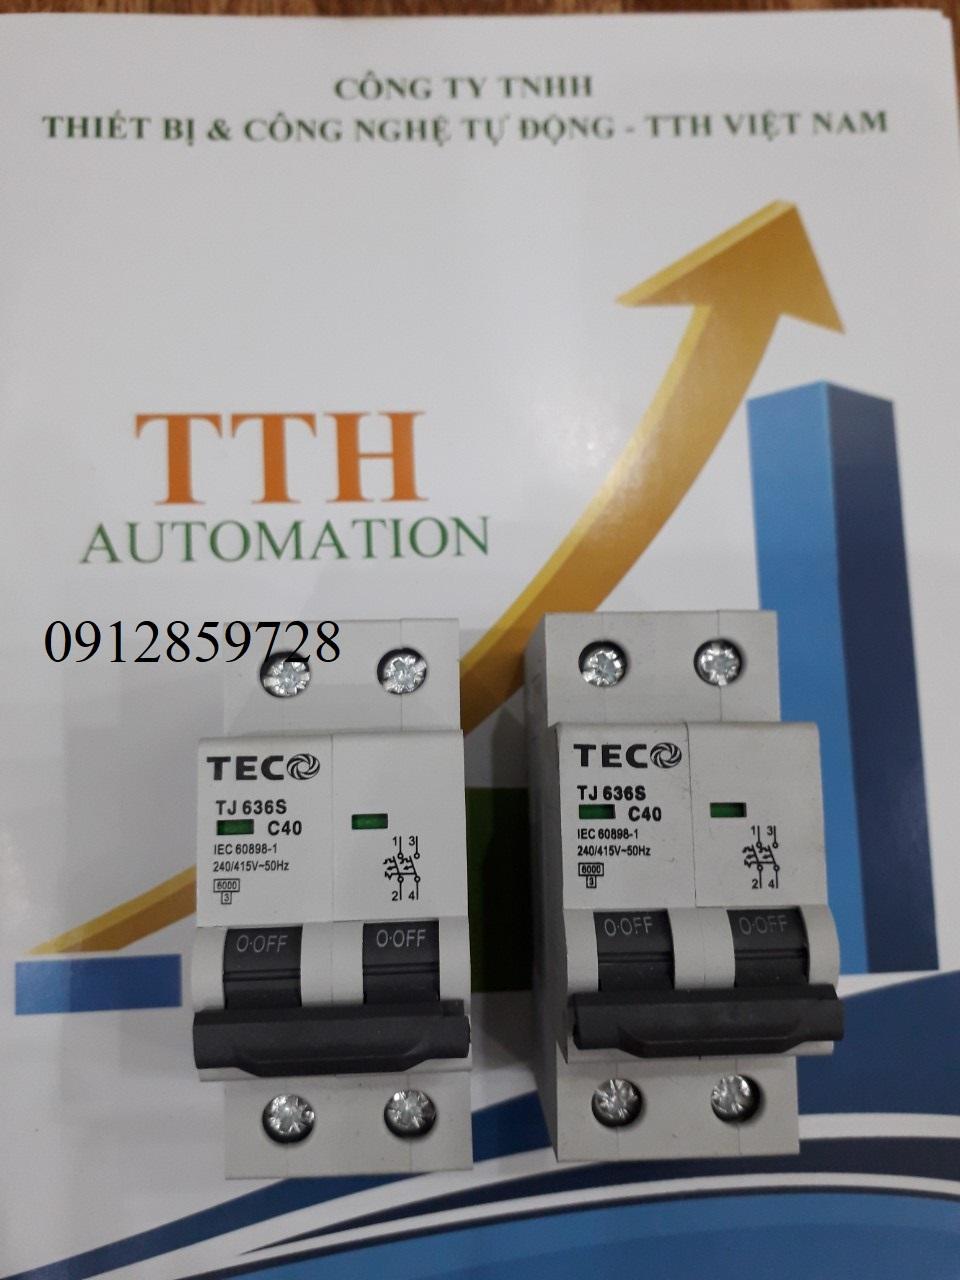 Aptomat MCB 2PHA 40A, xuất xứ TeCo - Đài Loan